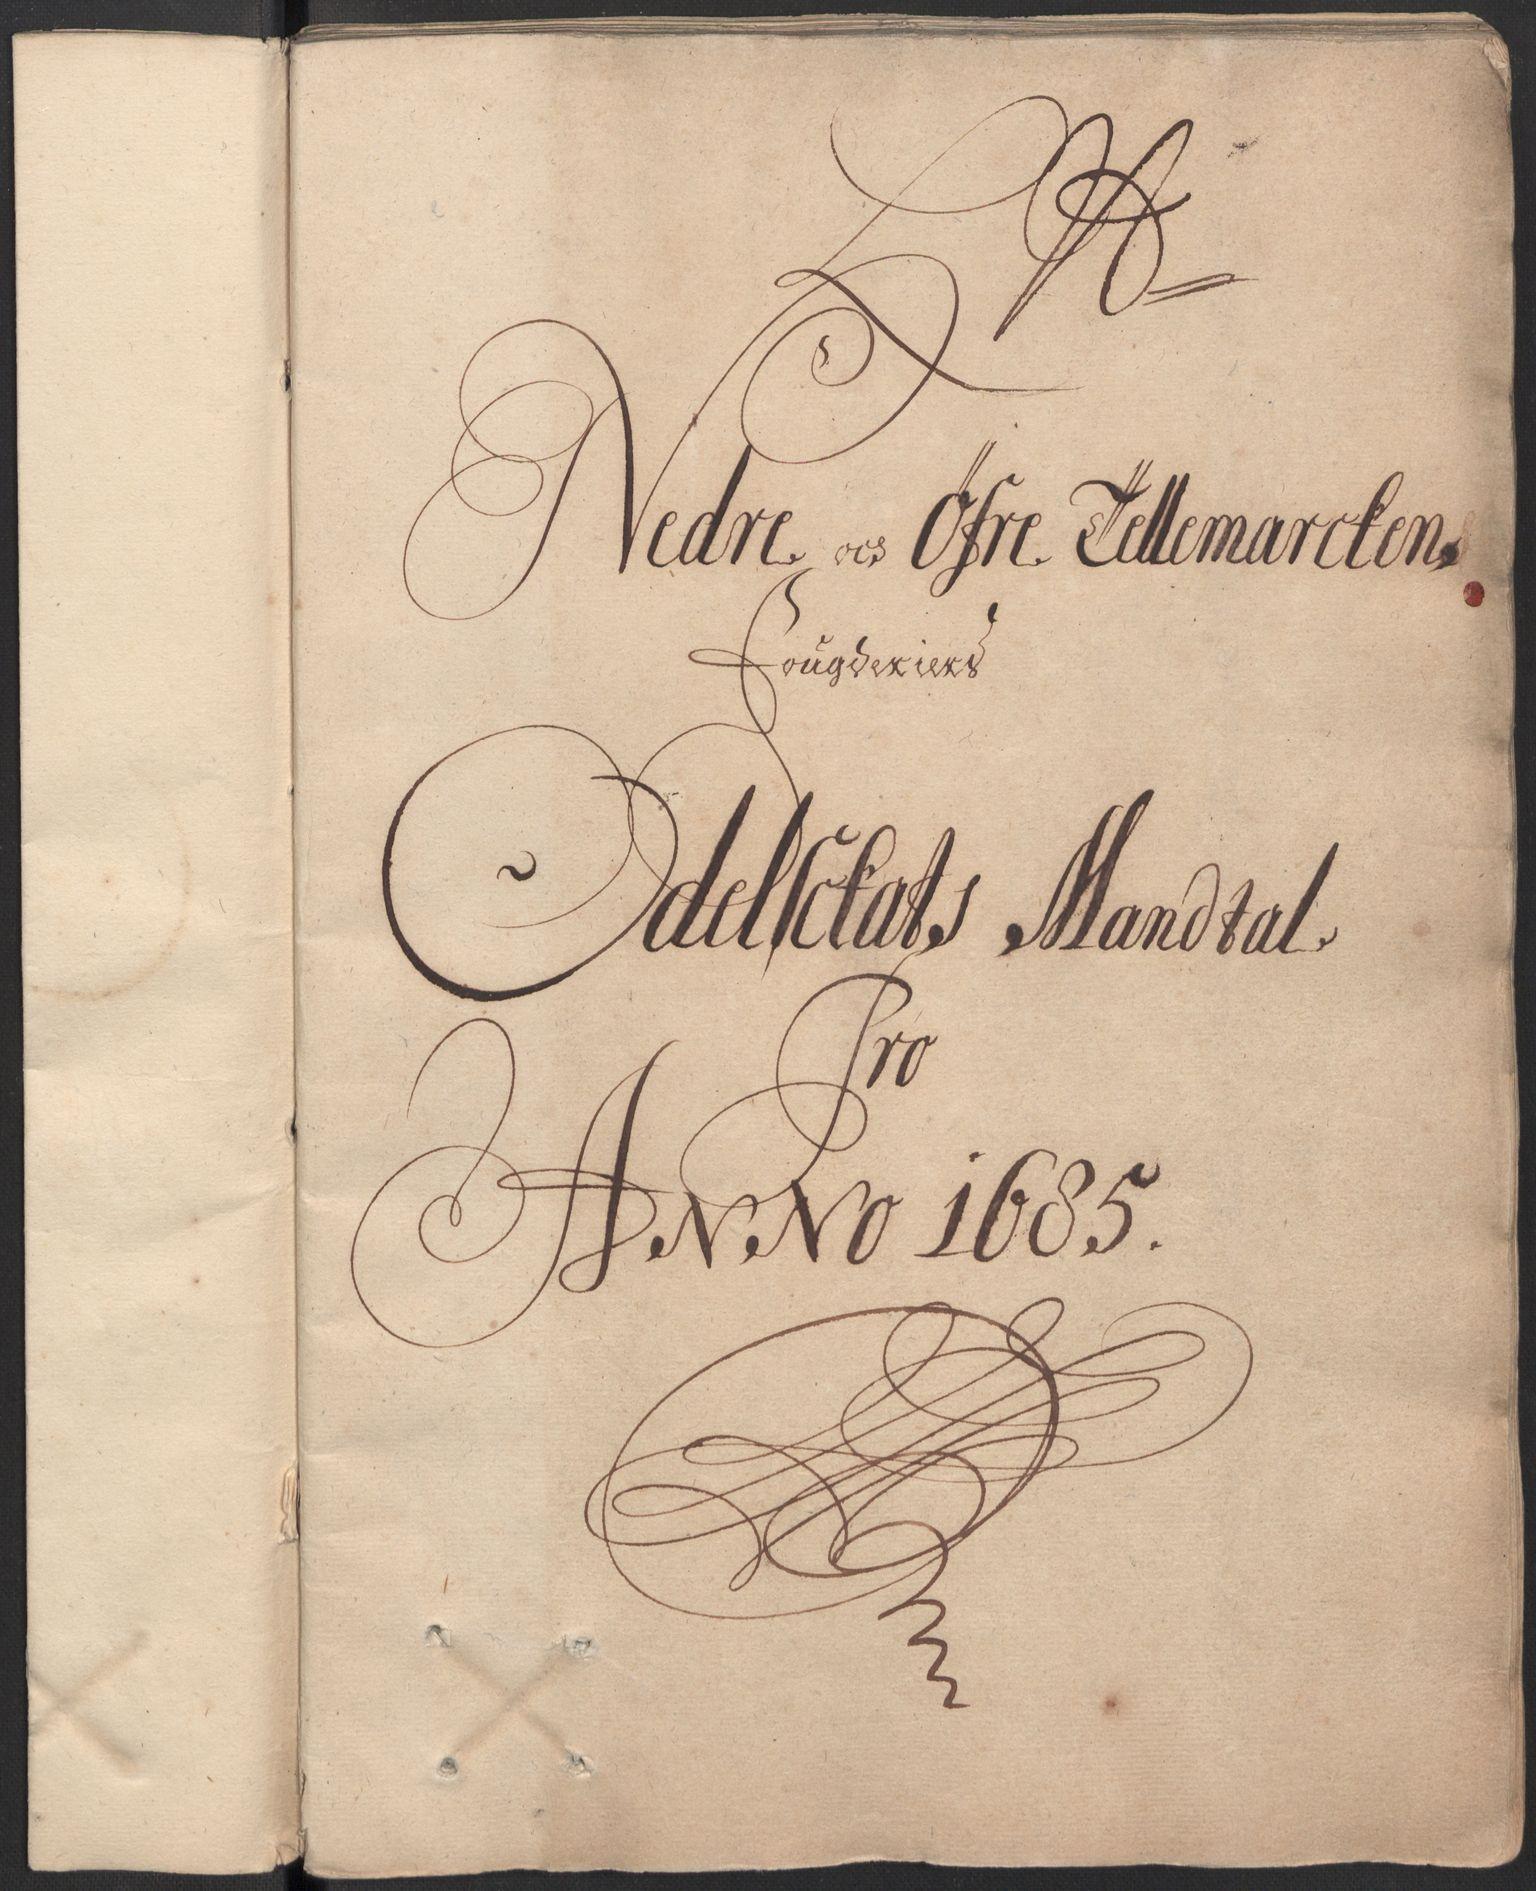 RA, Rentekammeret inntil 1814, Reviderte regnskaper, Fogderegnskap, R35/L2082: Fogderegnskap Øvre og Nedre Telemark, 1685, s. 232